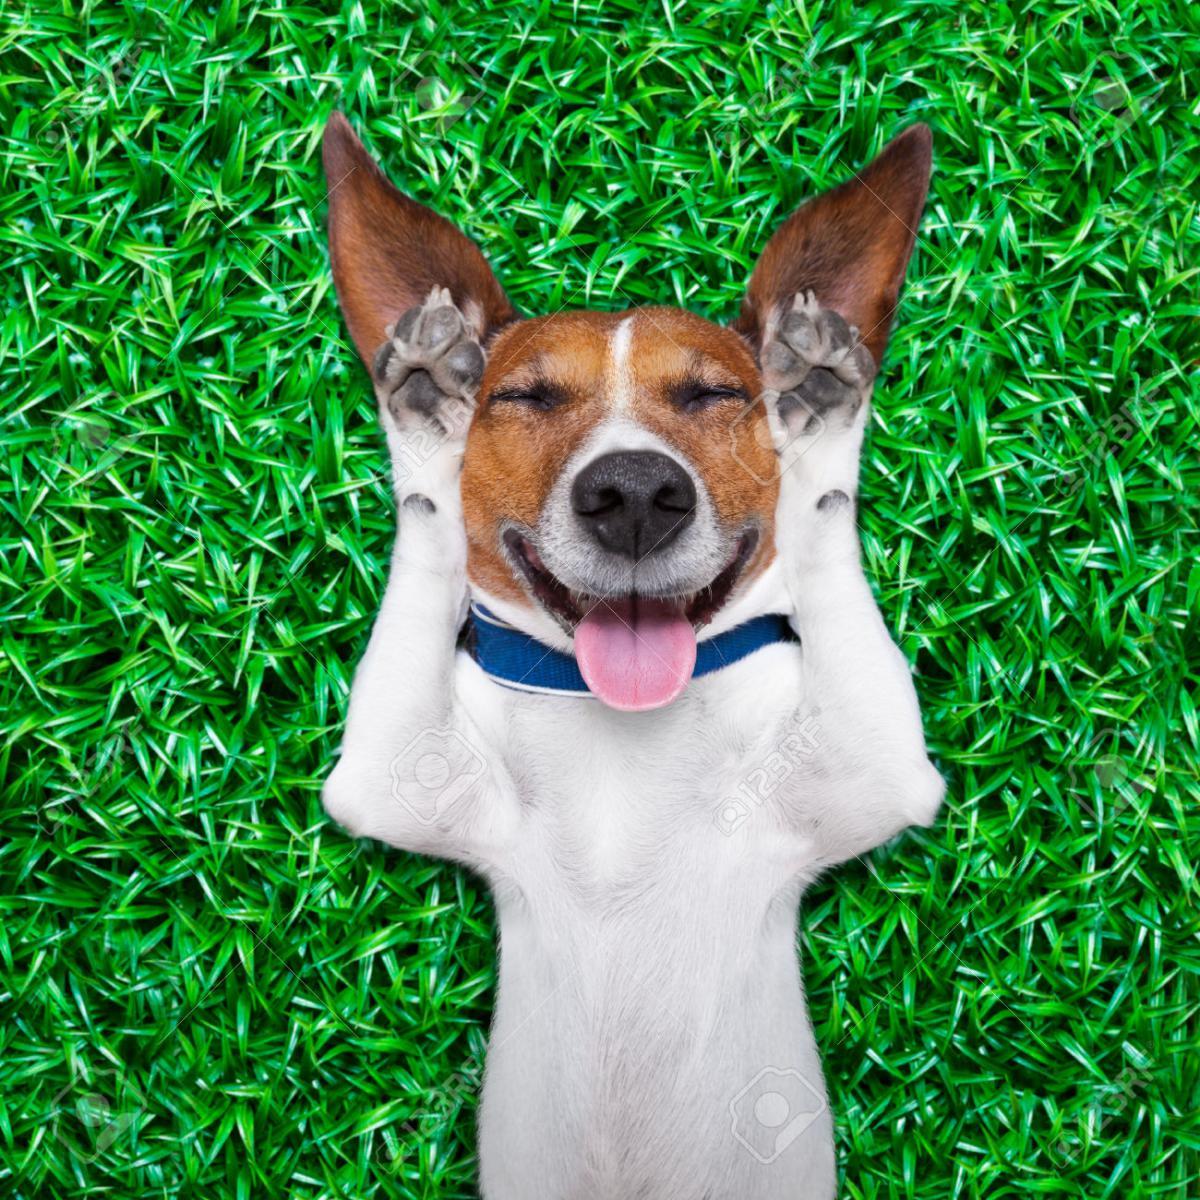 Nombre:  30507562-perro-tumbado-en-la-hierba-con-la-expresi-n-tonta-tonta-loca-en-el-rostro-pegado-a-la-l.jpg Visitas: 259 Tamaño: 302.1 KB